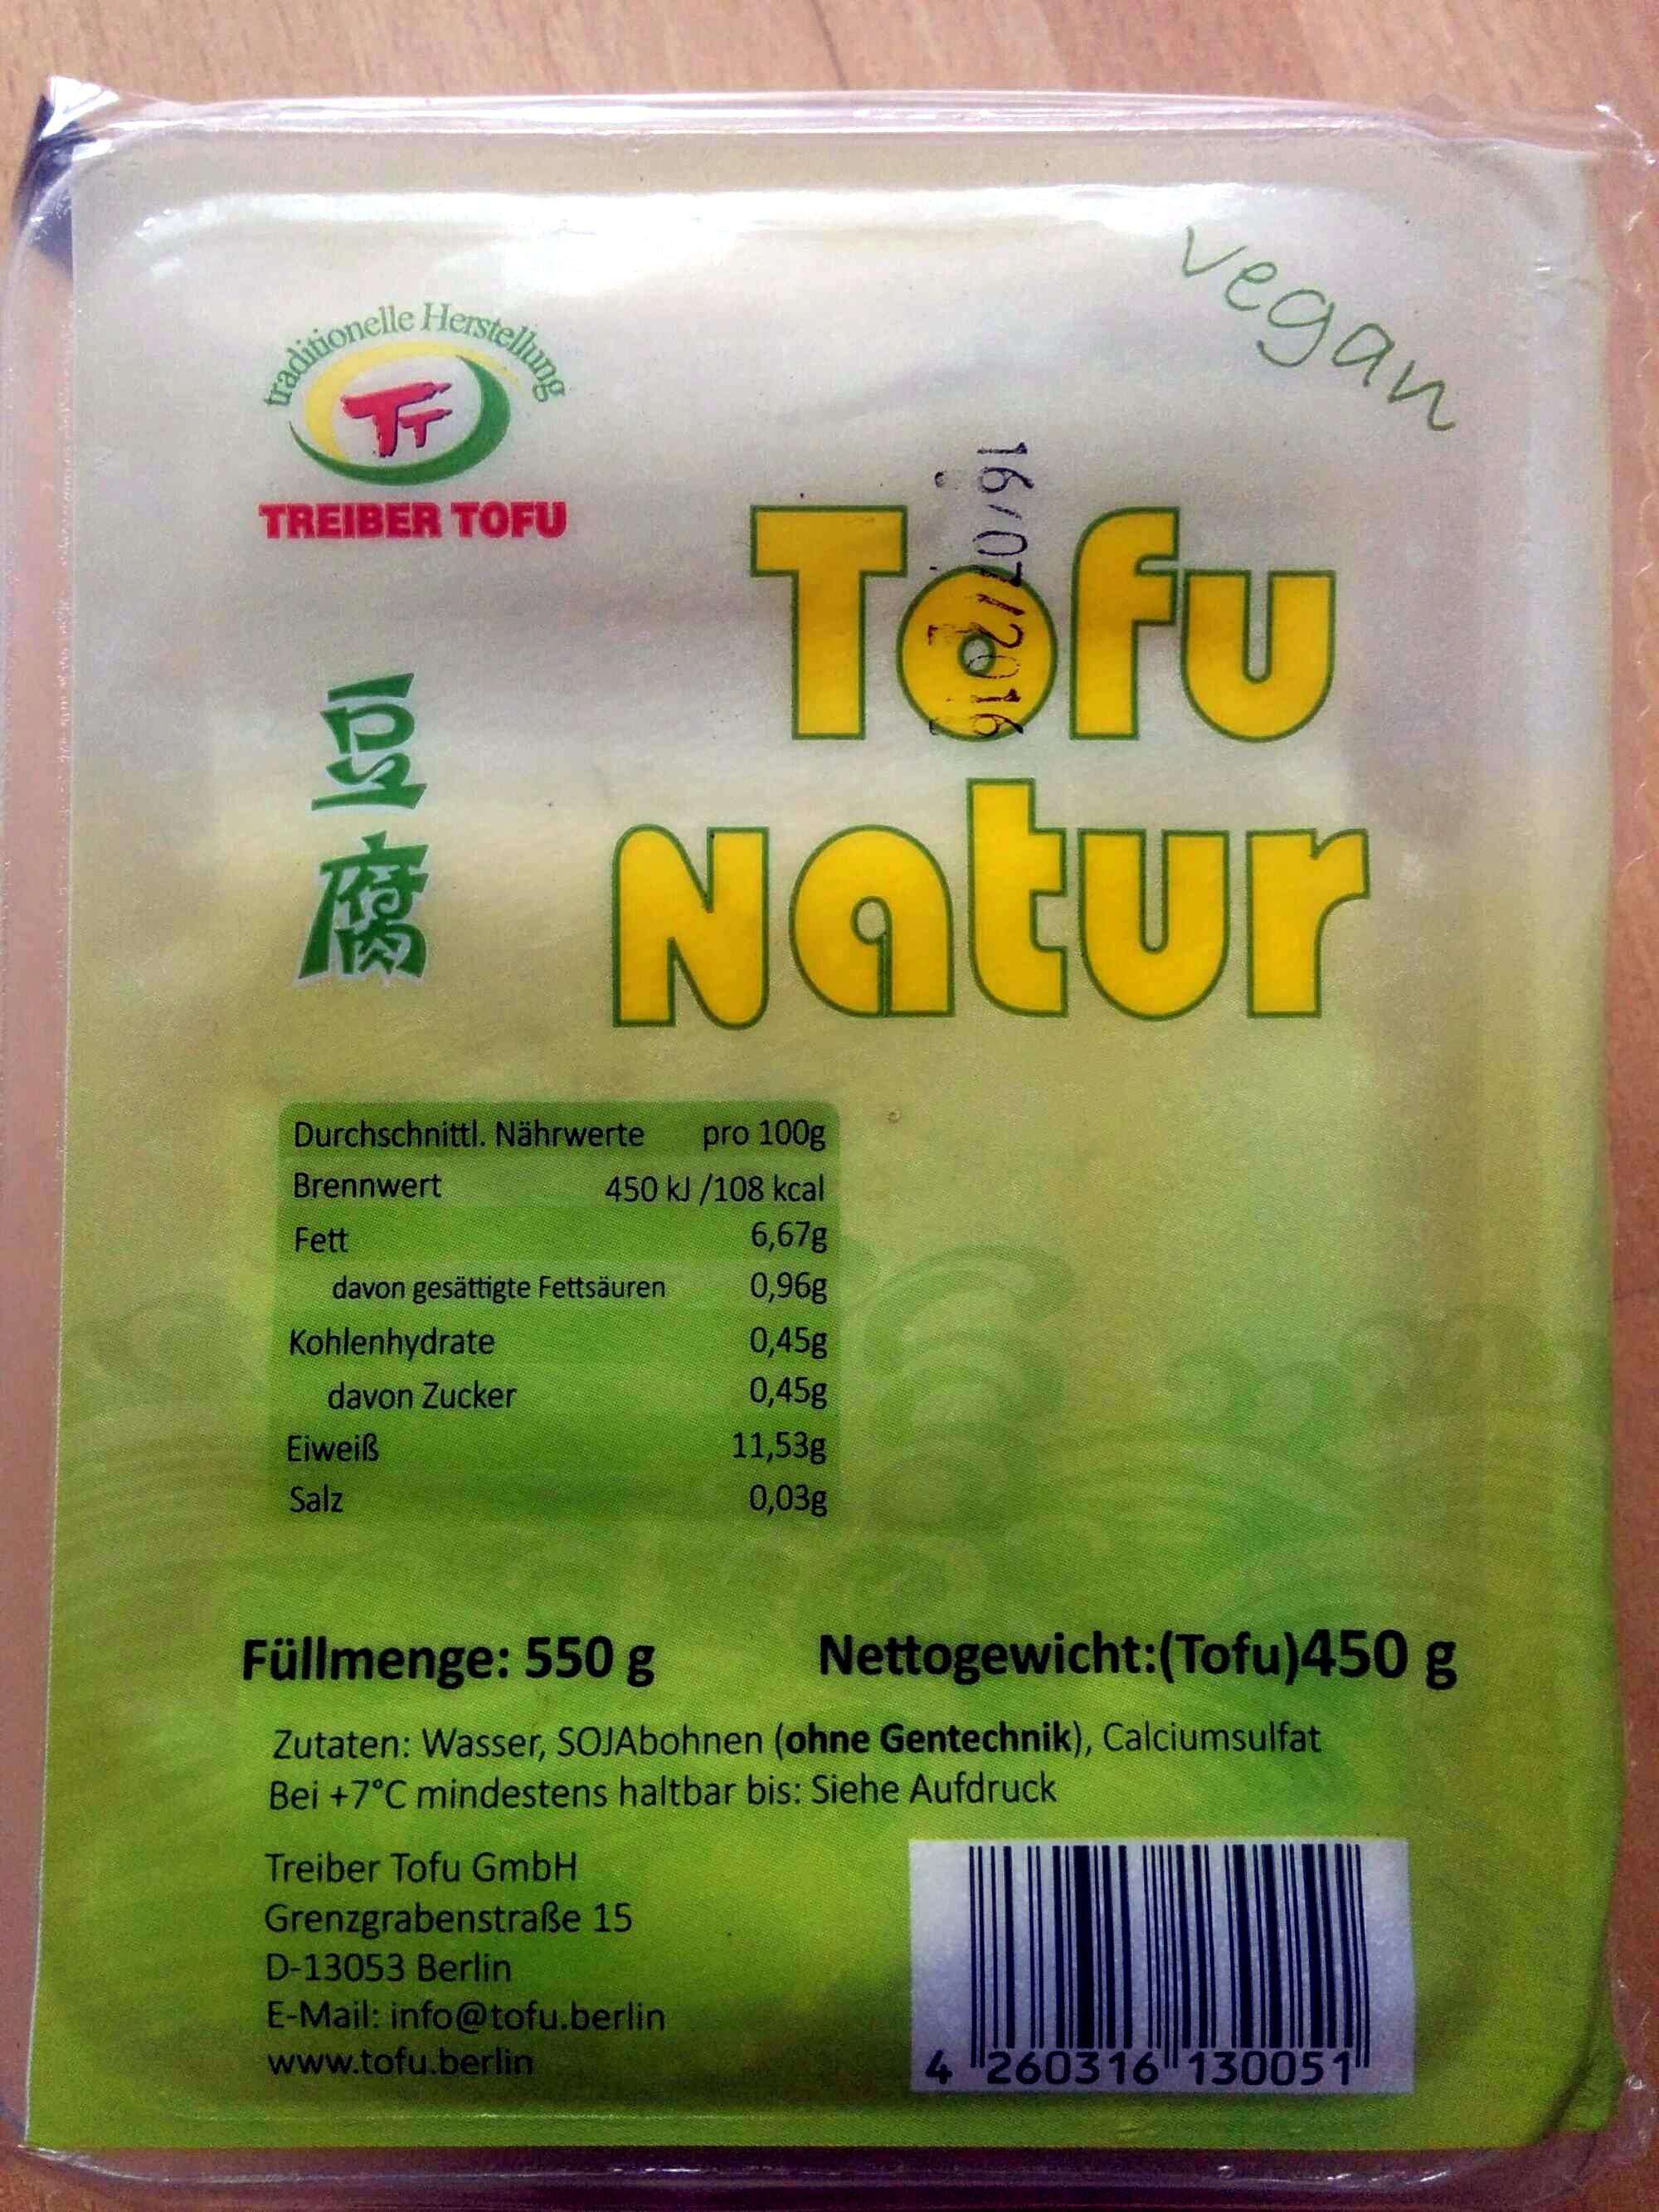 Großartig Tofu Nährwerte Das Beste Von Natur - Produkt